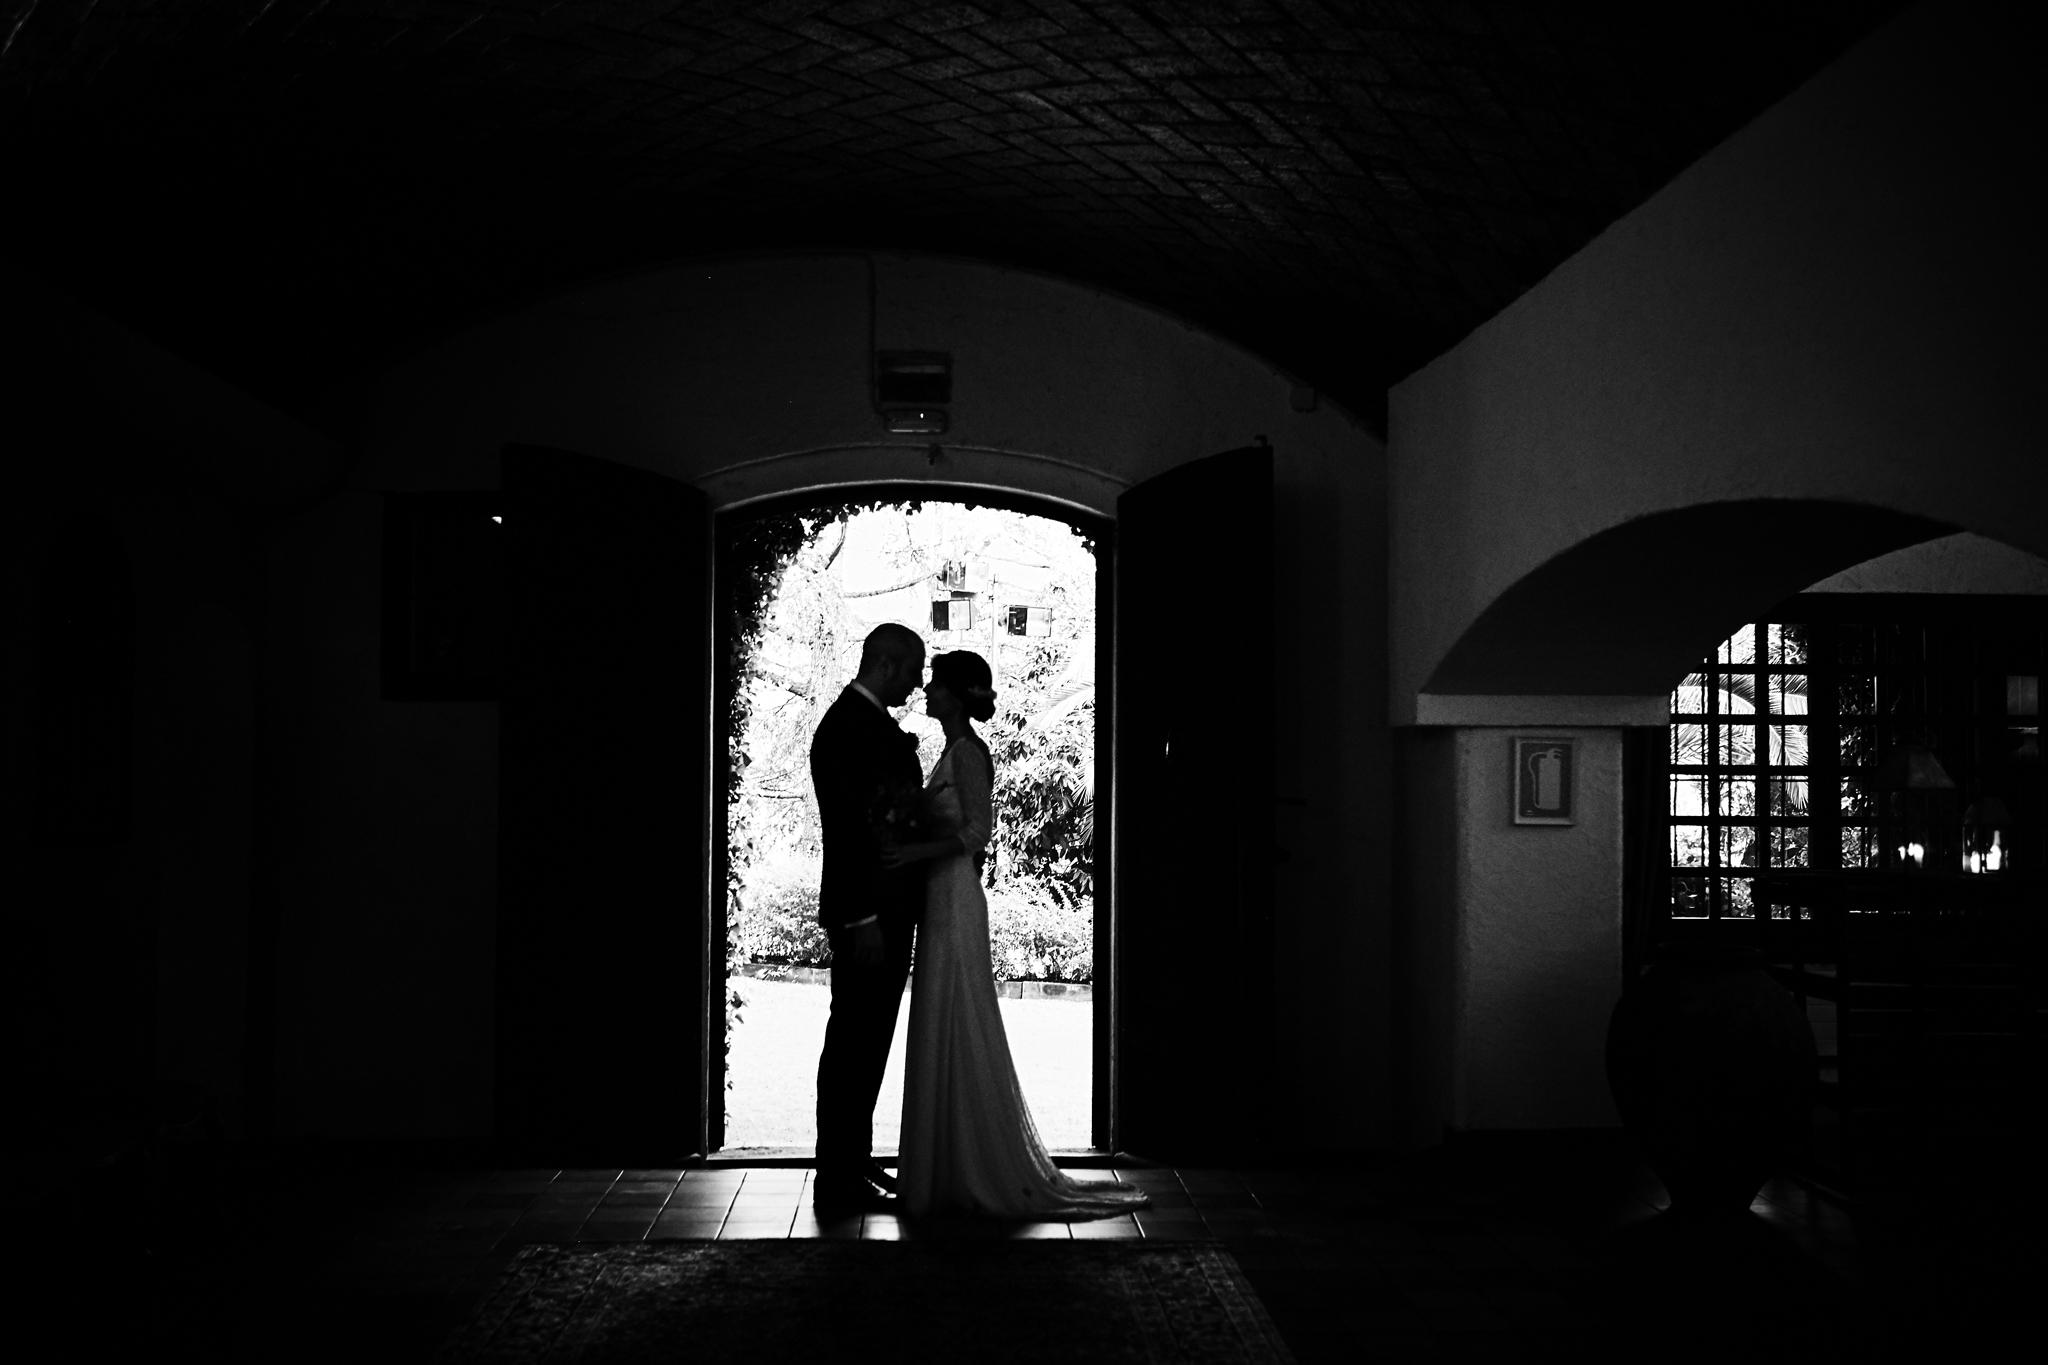 fotografia-boda-barcelona32.jpg